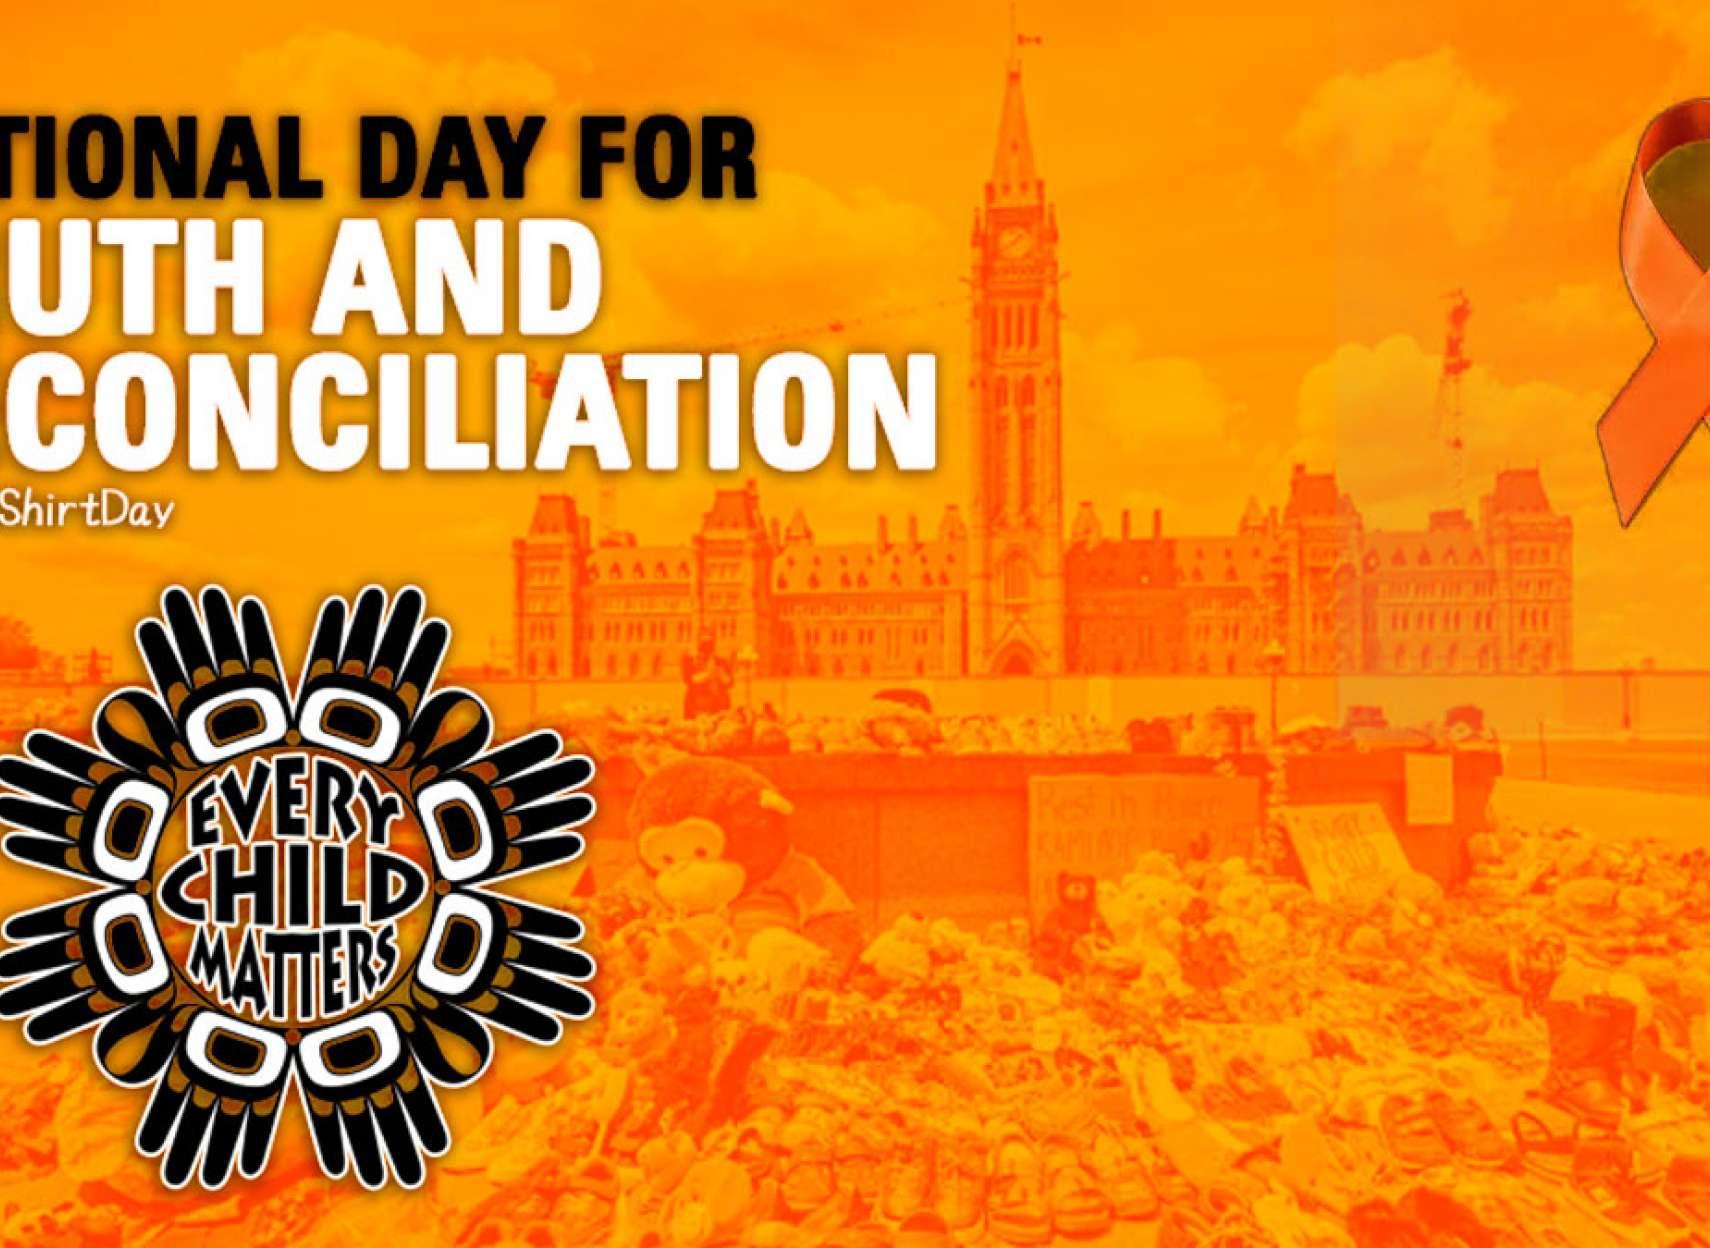 خبر-کانادا-تعطیلی-فردا-۳۰-سپتامبر-روز-ملی-بومیان-کانادا-چیست-و-چه-می-توان-کرد